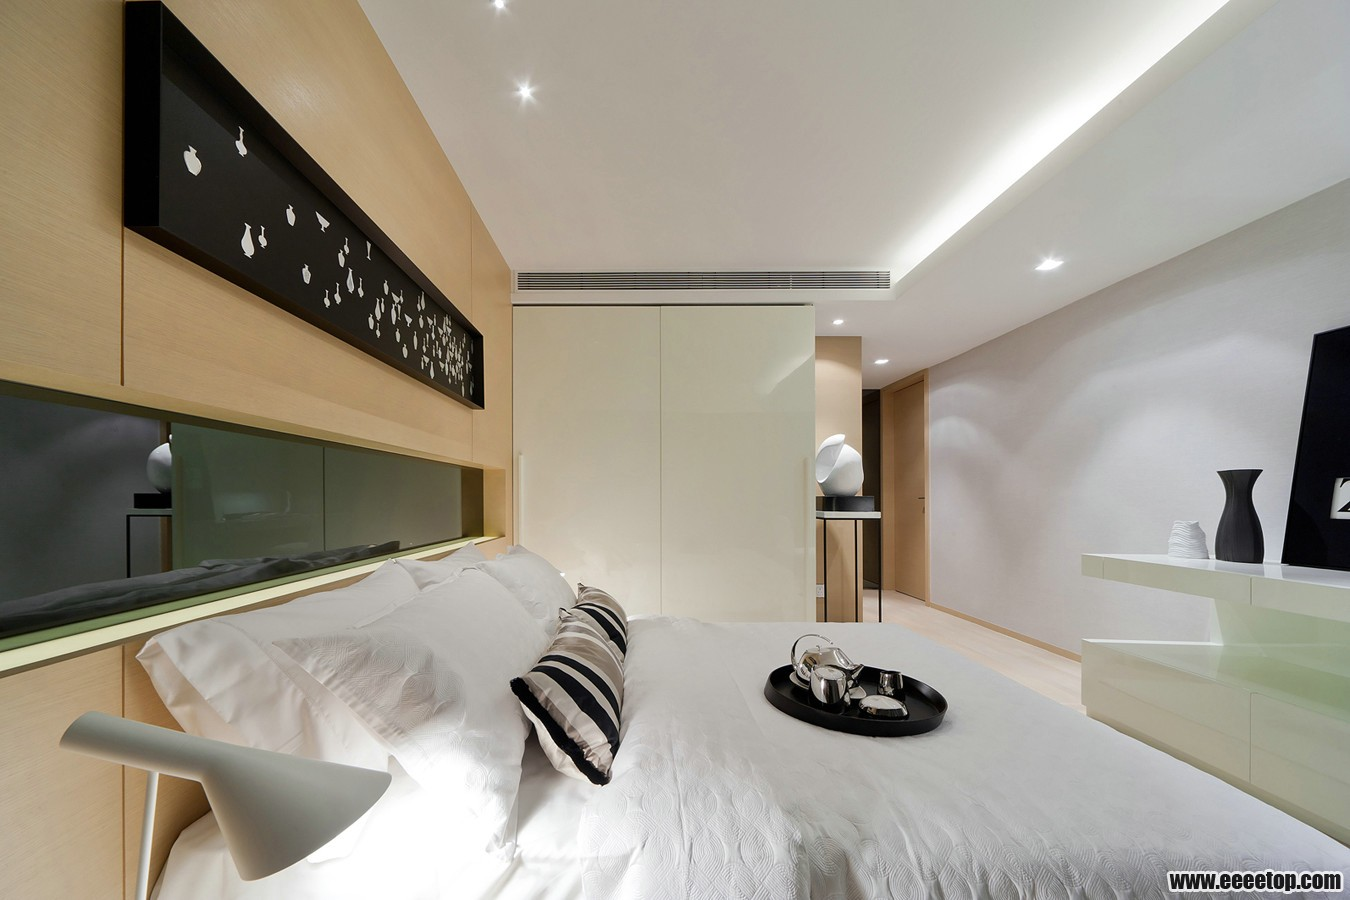 江河创建3.5亿港元收购梁志天设计公司图片